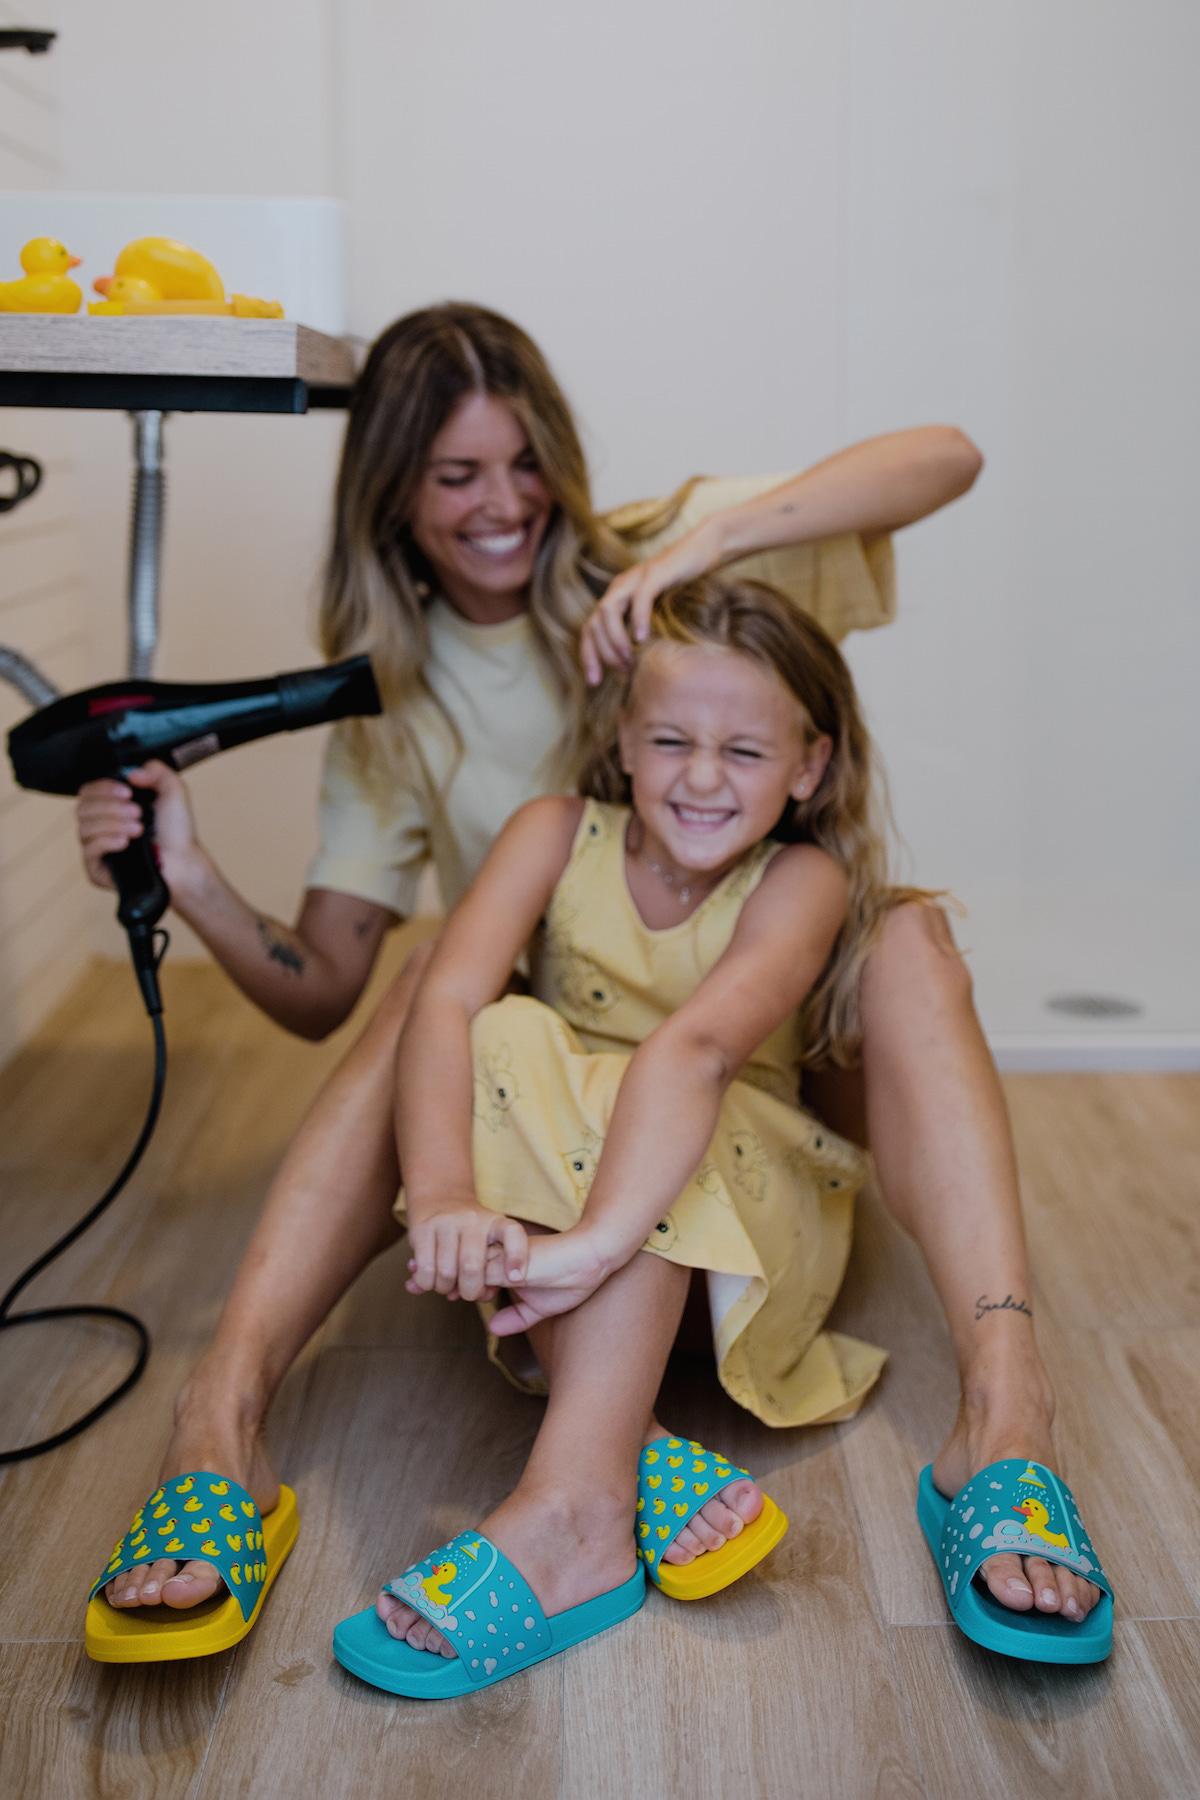 Žena fénuje vlasy dcére a smejú sa